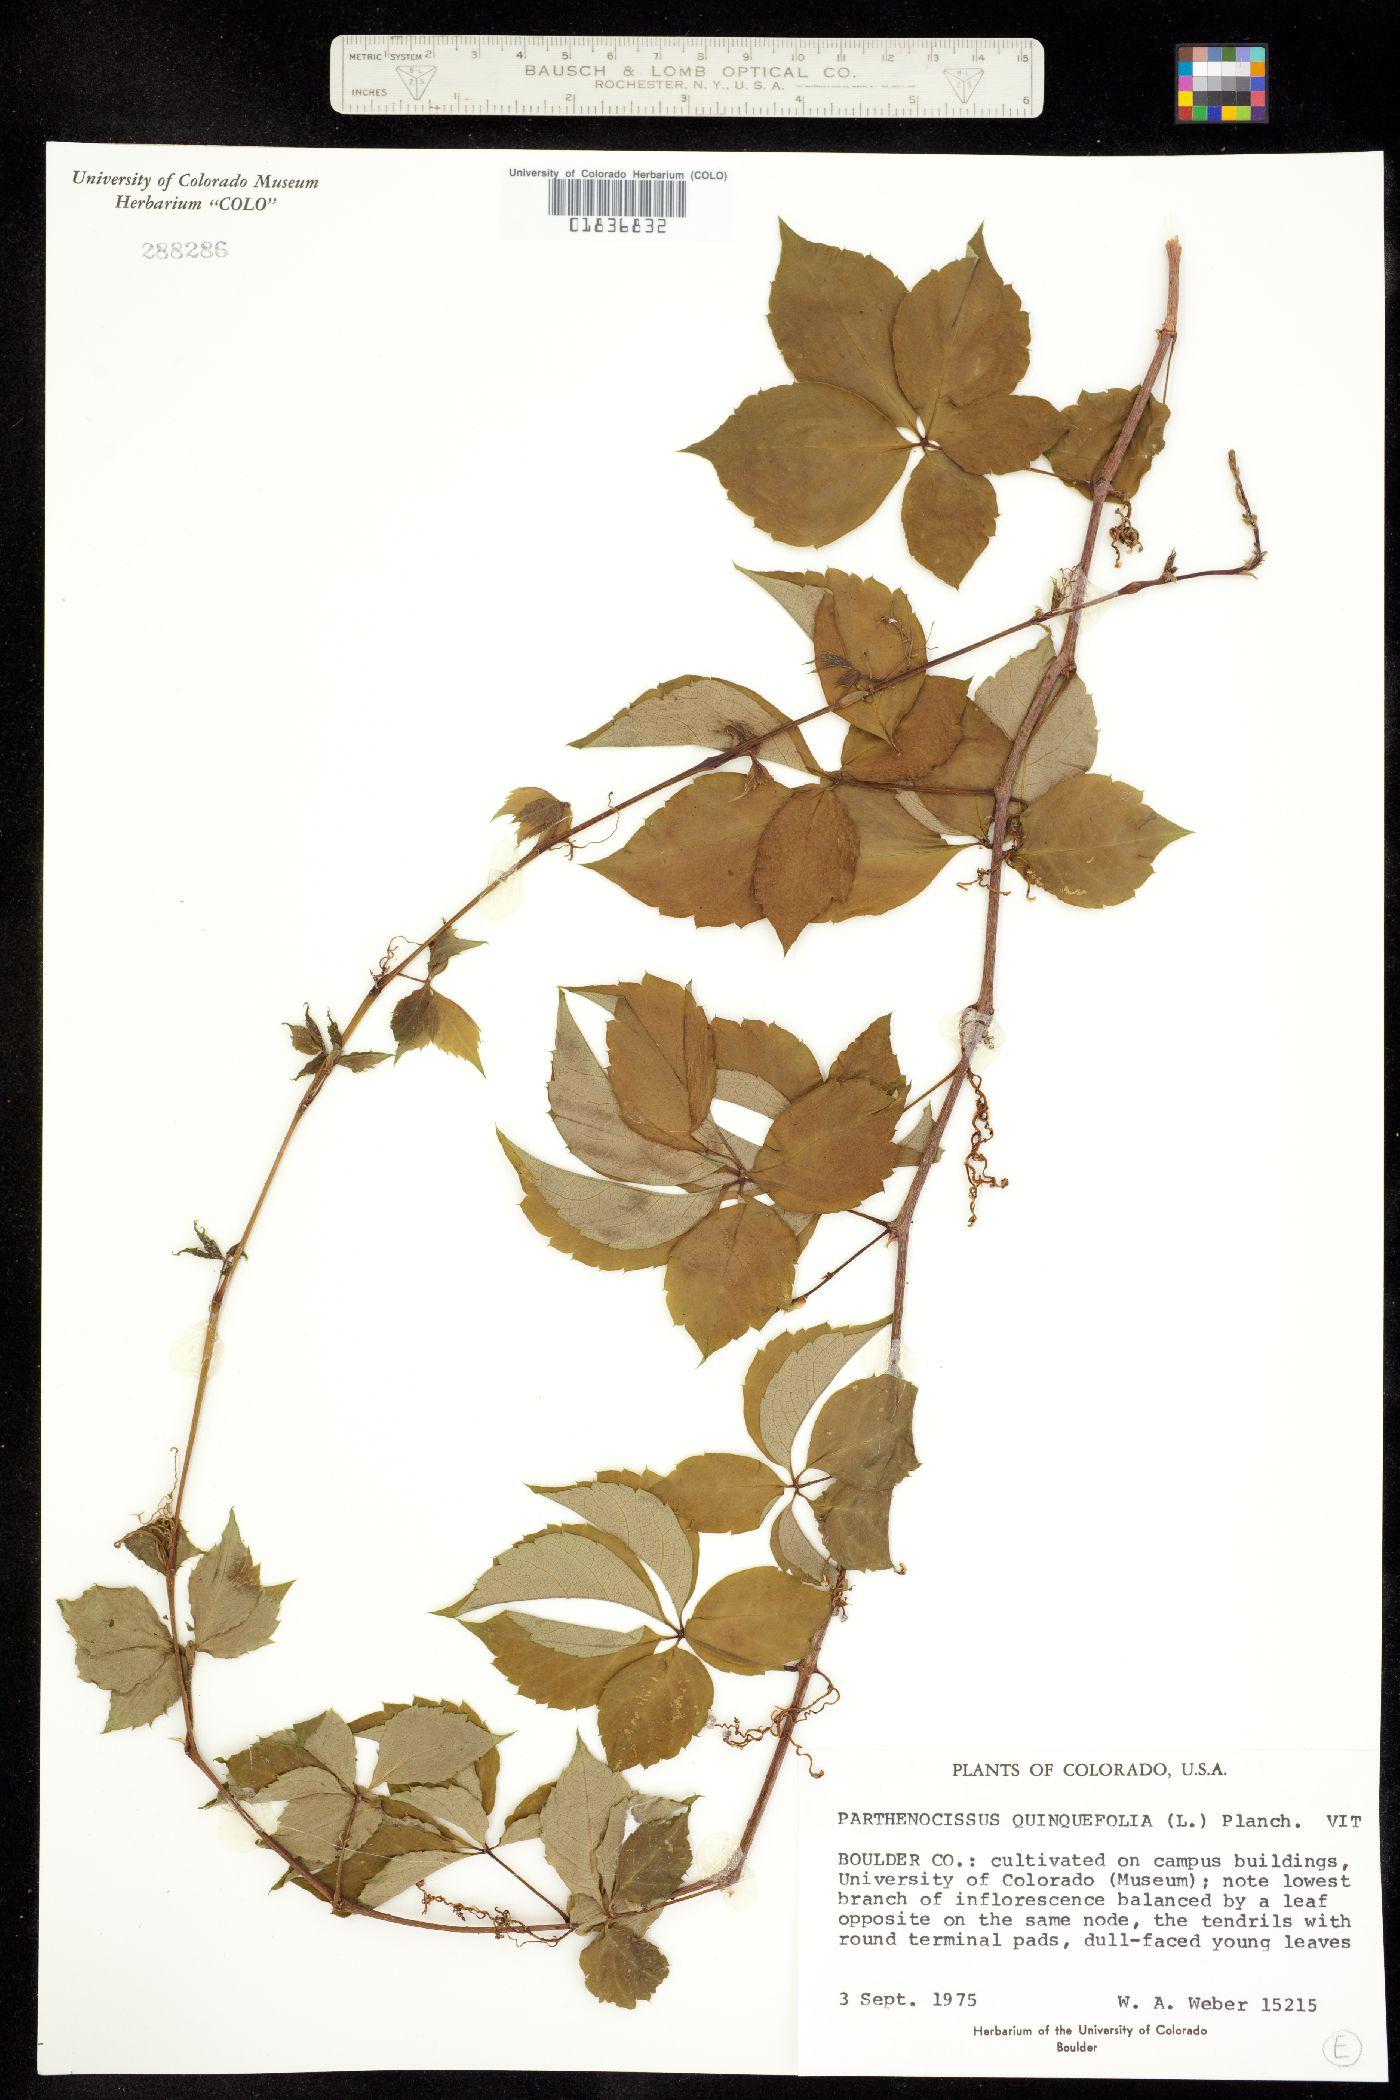 Parthenocissus image